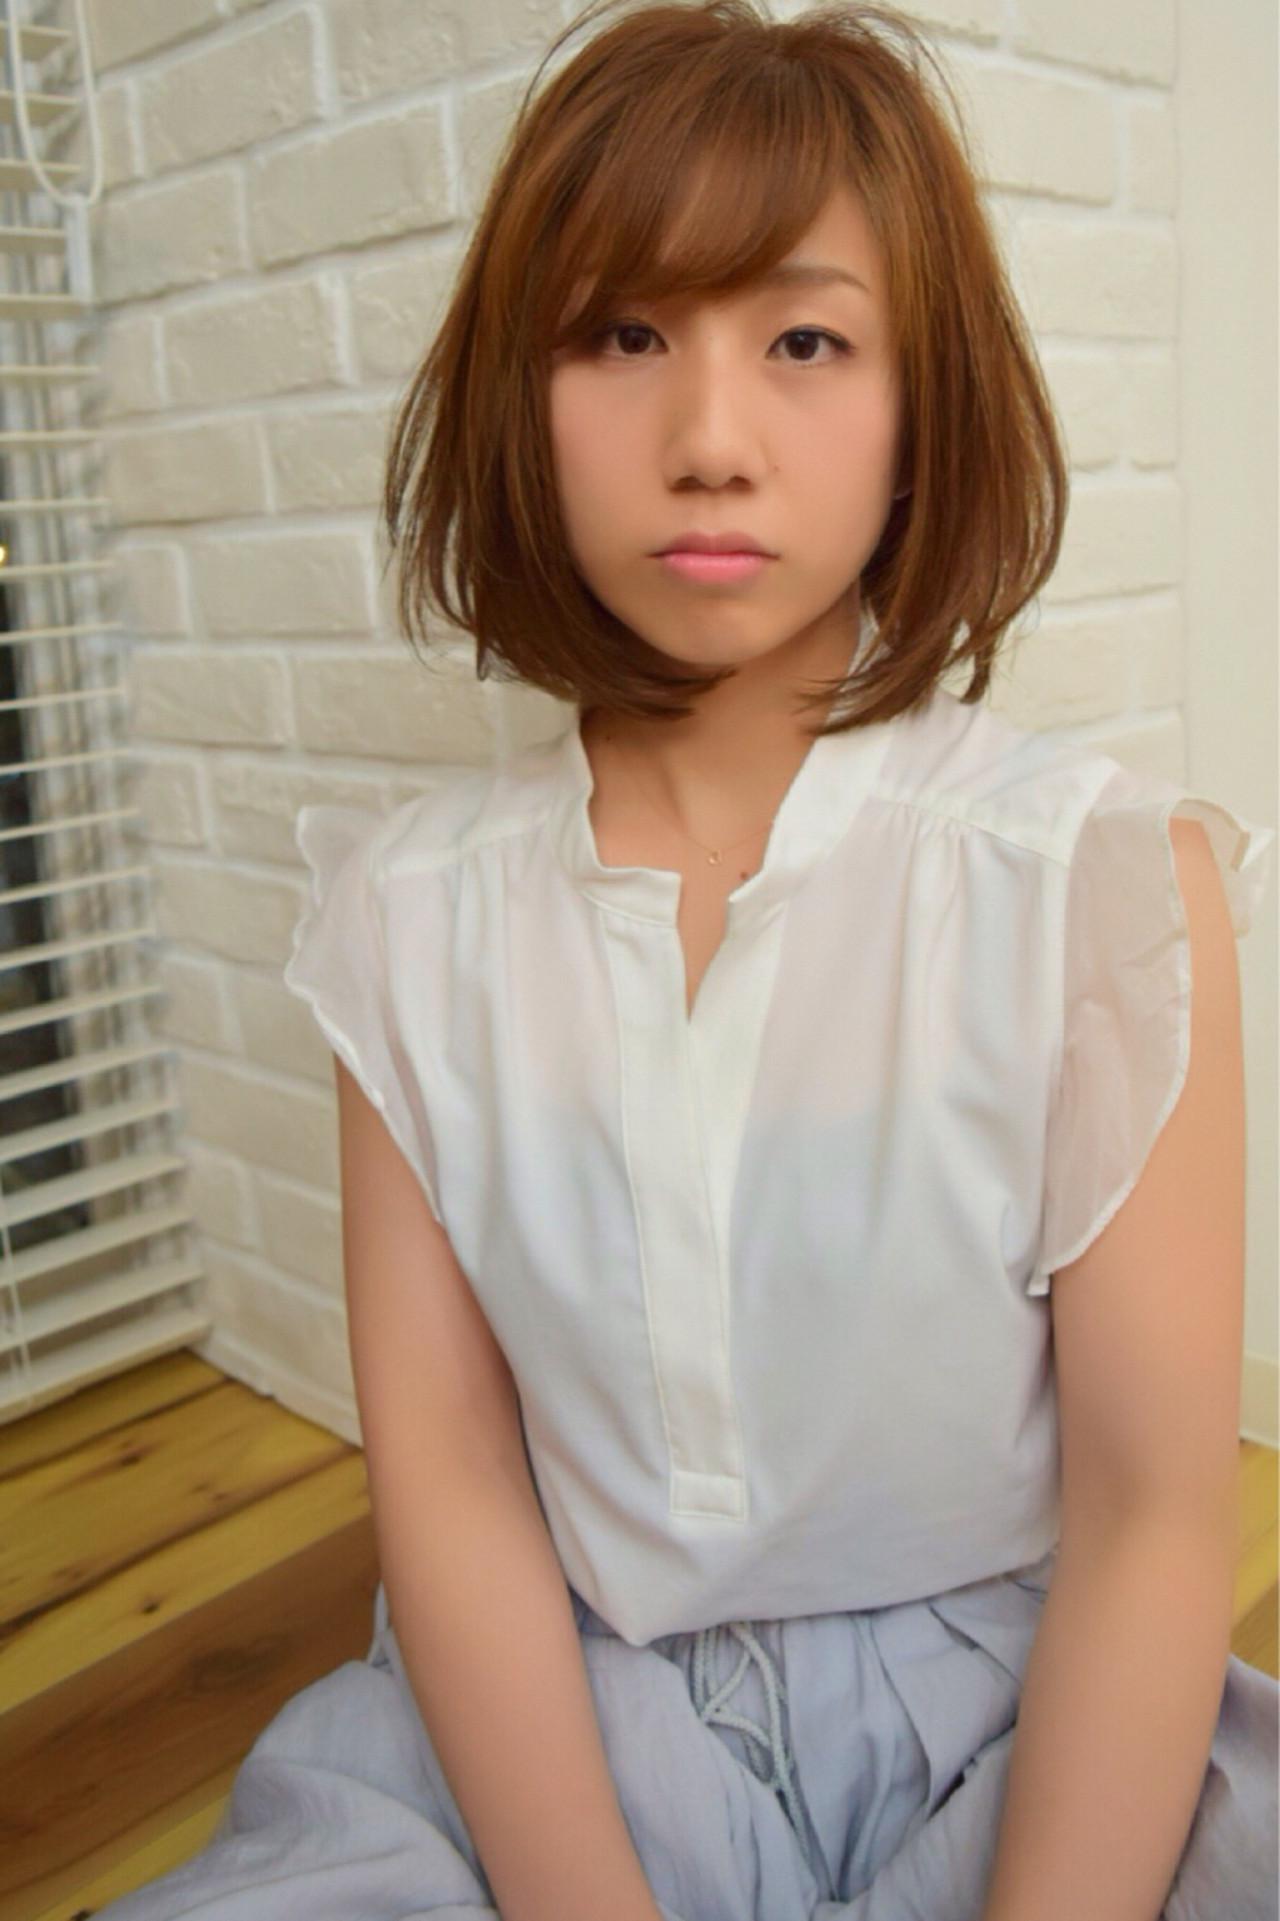 フェミニン ナチュラル 渋谷系 ボブ ヘアスタイルや髪型の写真・画像